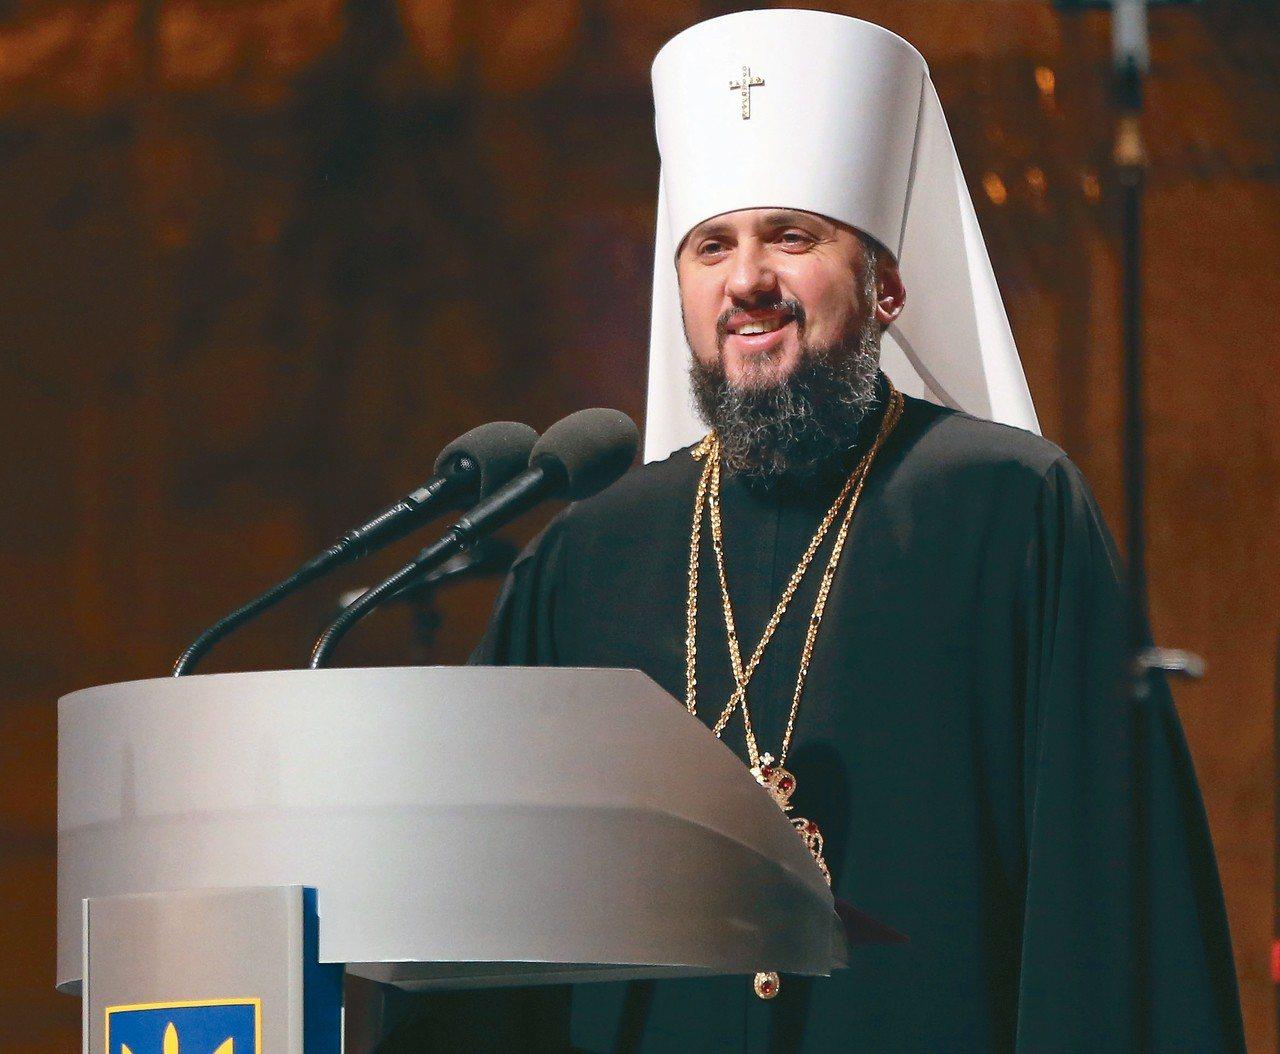 烏克蘭東正教會獨立,並選出39歲新領袖伊皮法鈕斯。 美聯社